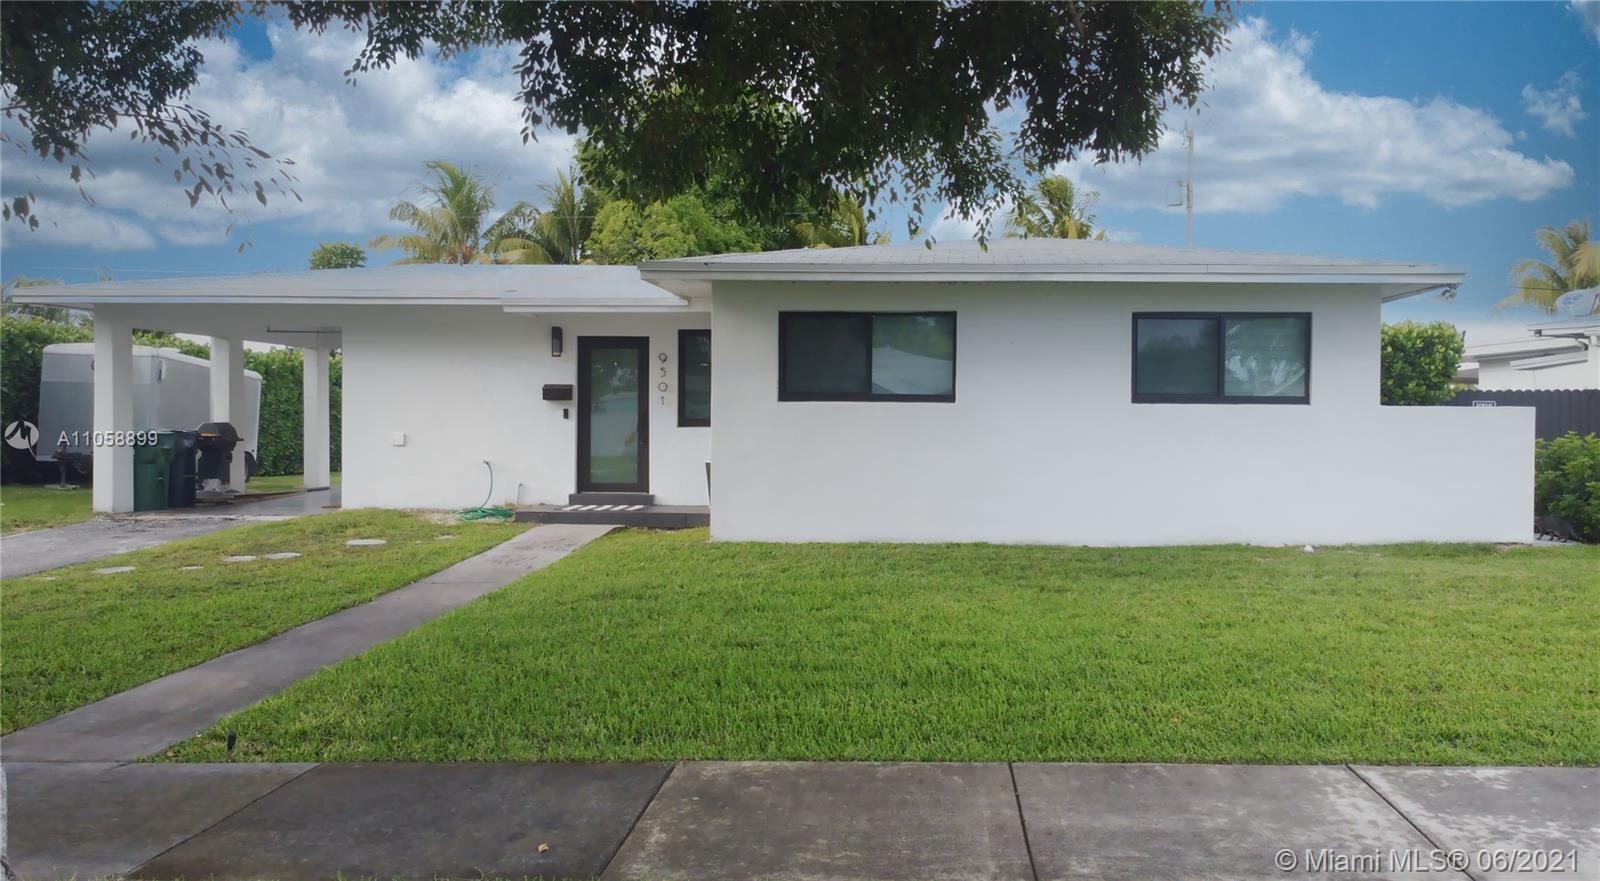 9501 Lisa Rd, Cutler Bay, FL 33157 - #: A11058899